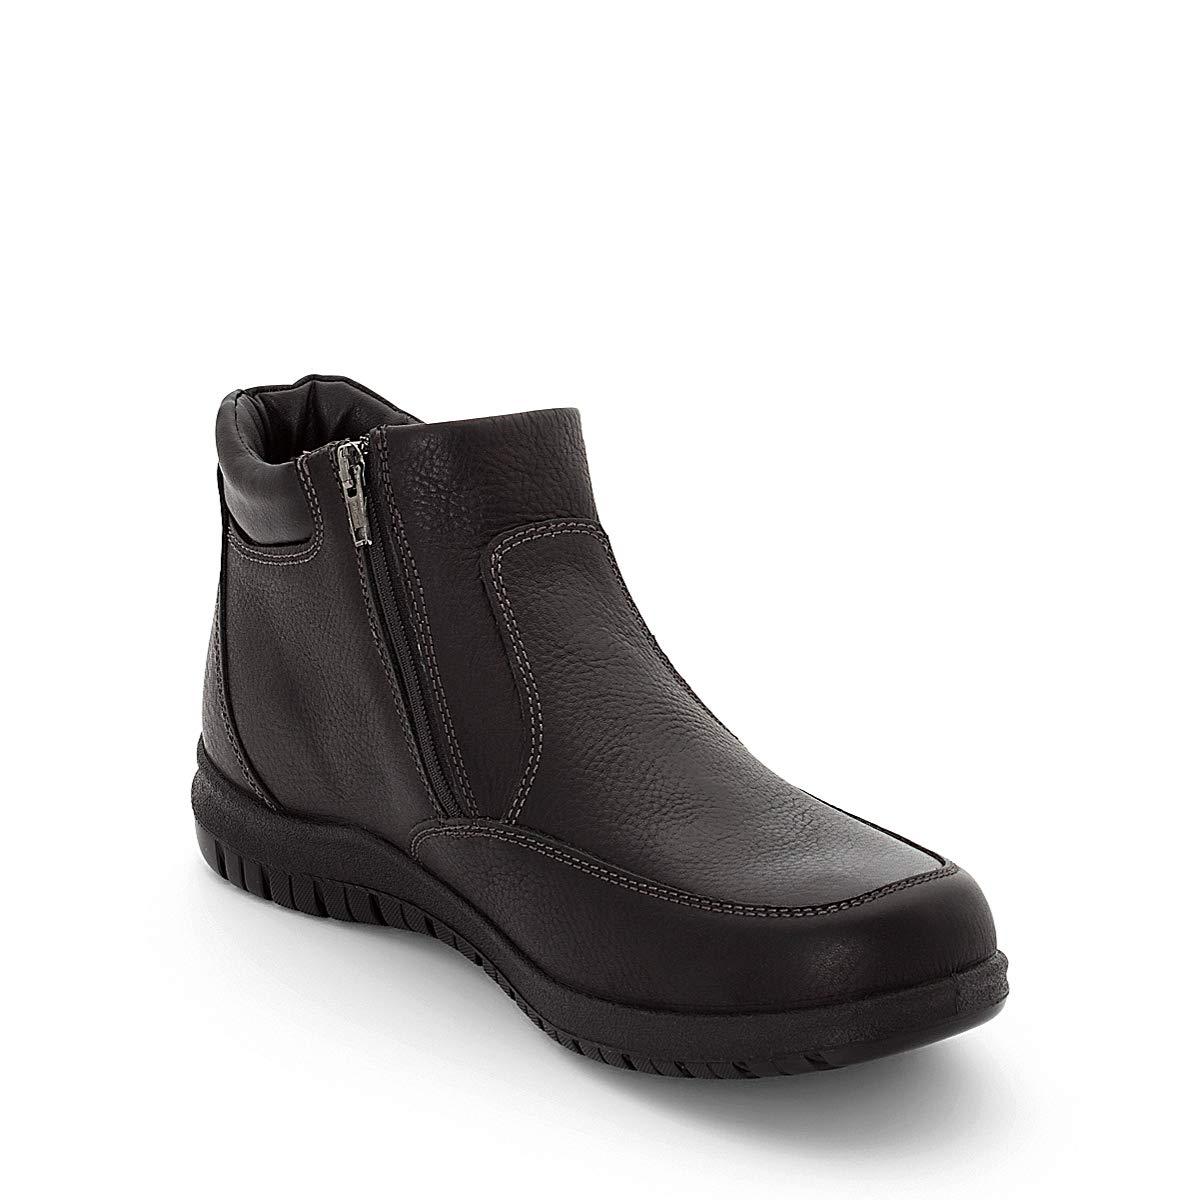 ARA Herren Stiefel Stiefel Stiefel Rendolf schwarz 11-24504-61 schwarz 520243 06f16c